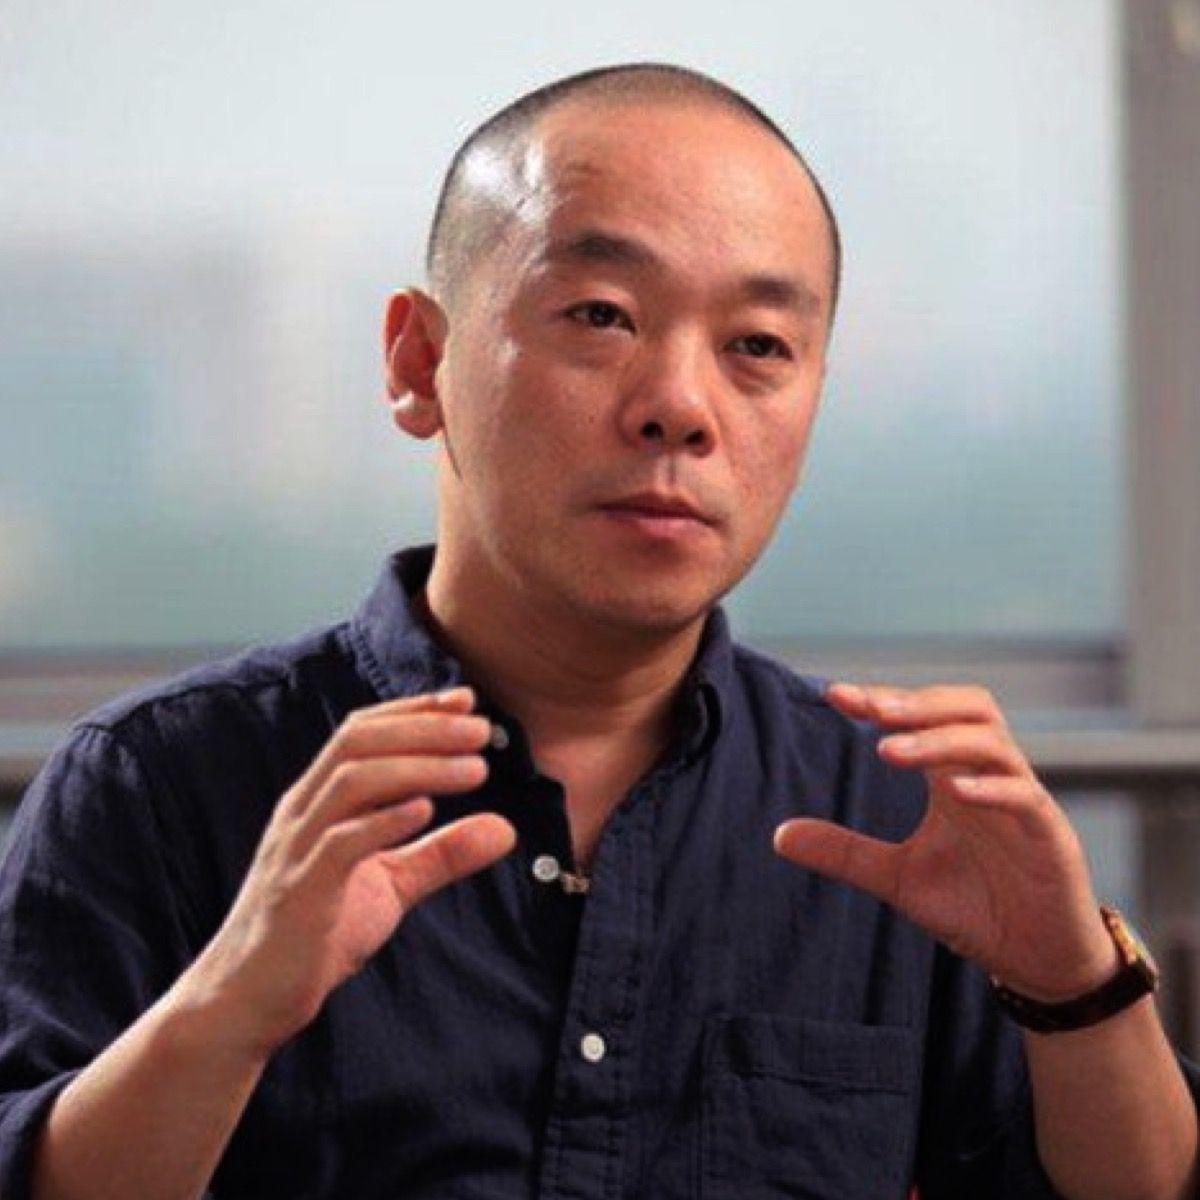 中国のVRヘッドセット「暴風魔鏡」、2017年前半で350万台を販売